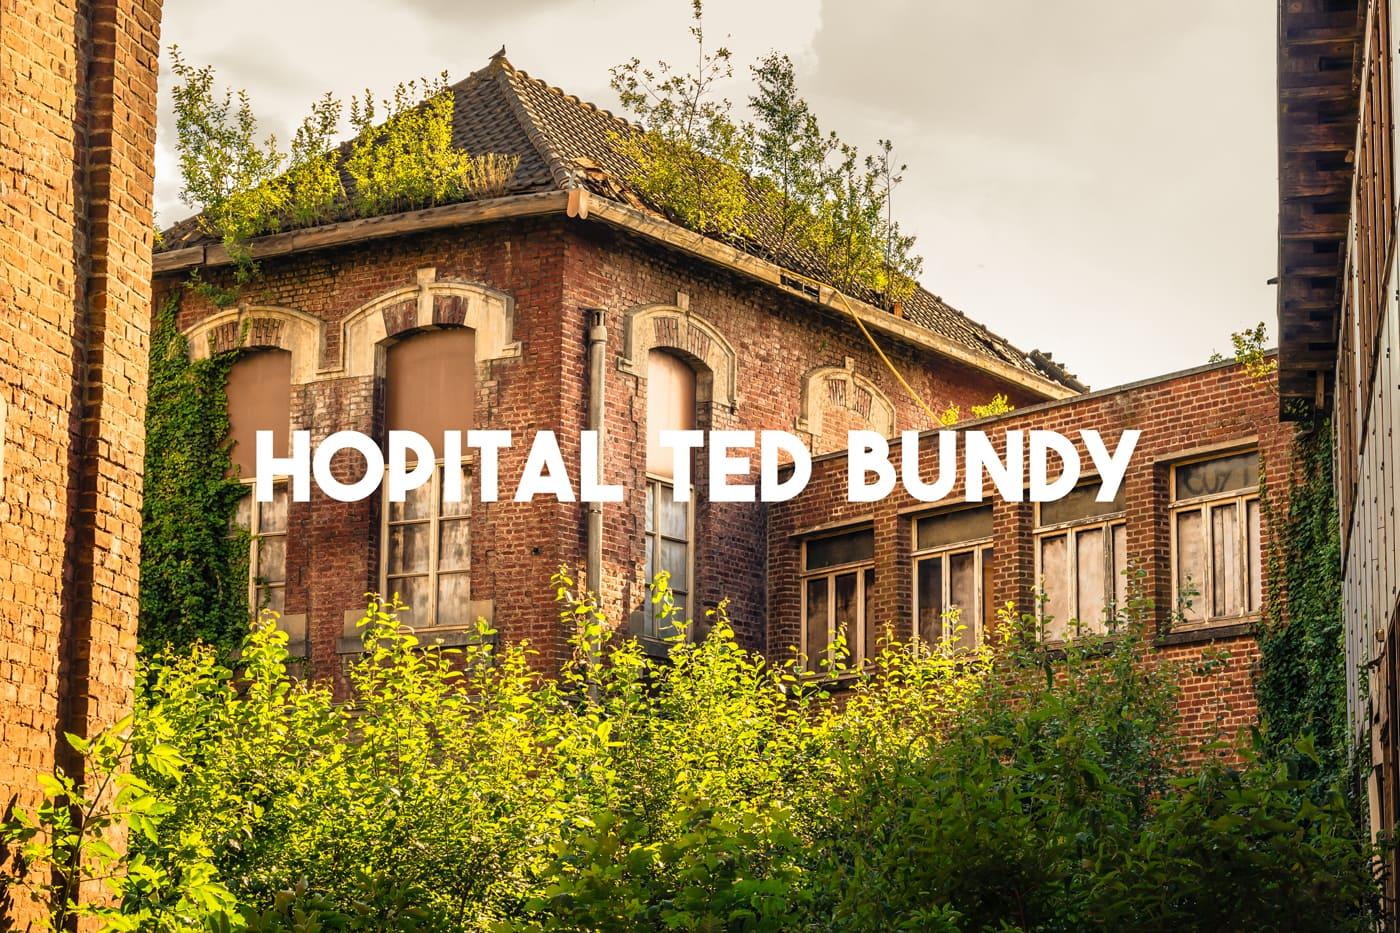 Hôpital abandonné dans le Nord-Pas-de-Calais | urbexsession.com/hopital-ted-bundy | Urbex France